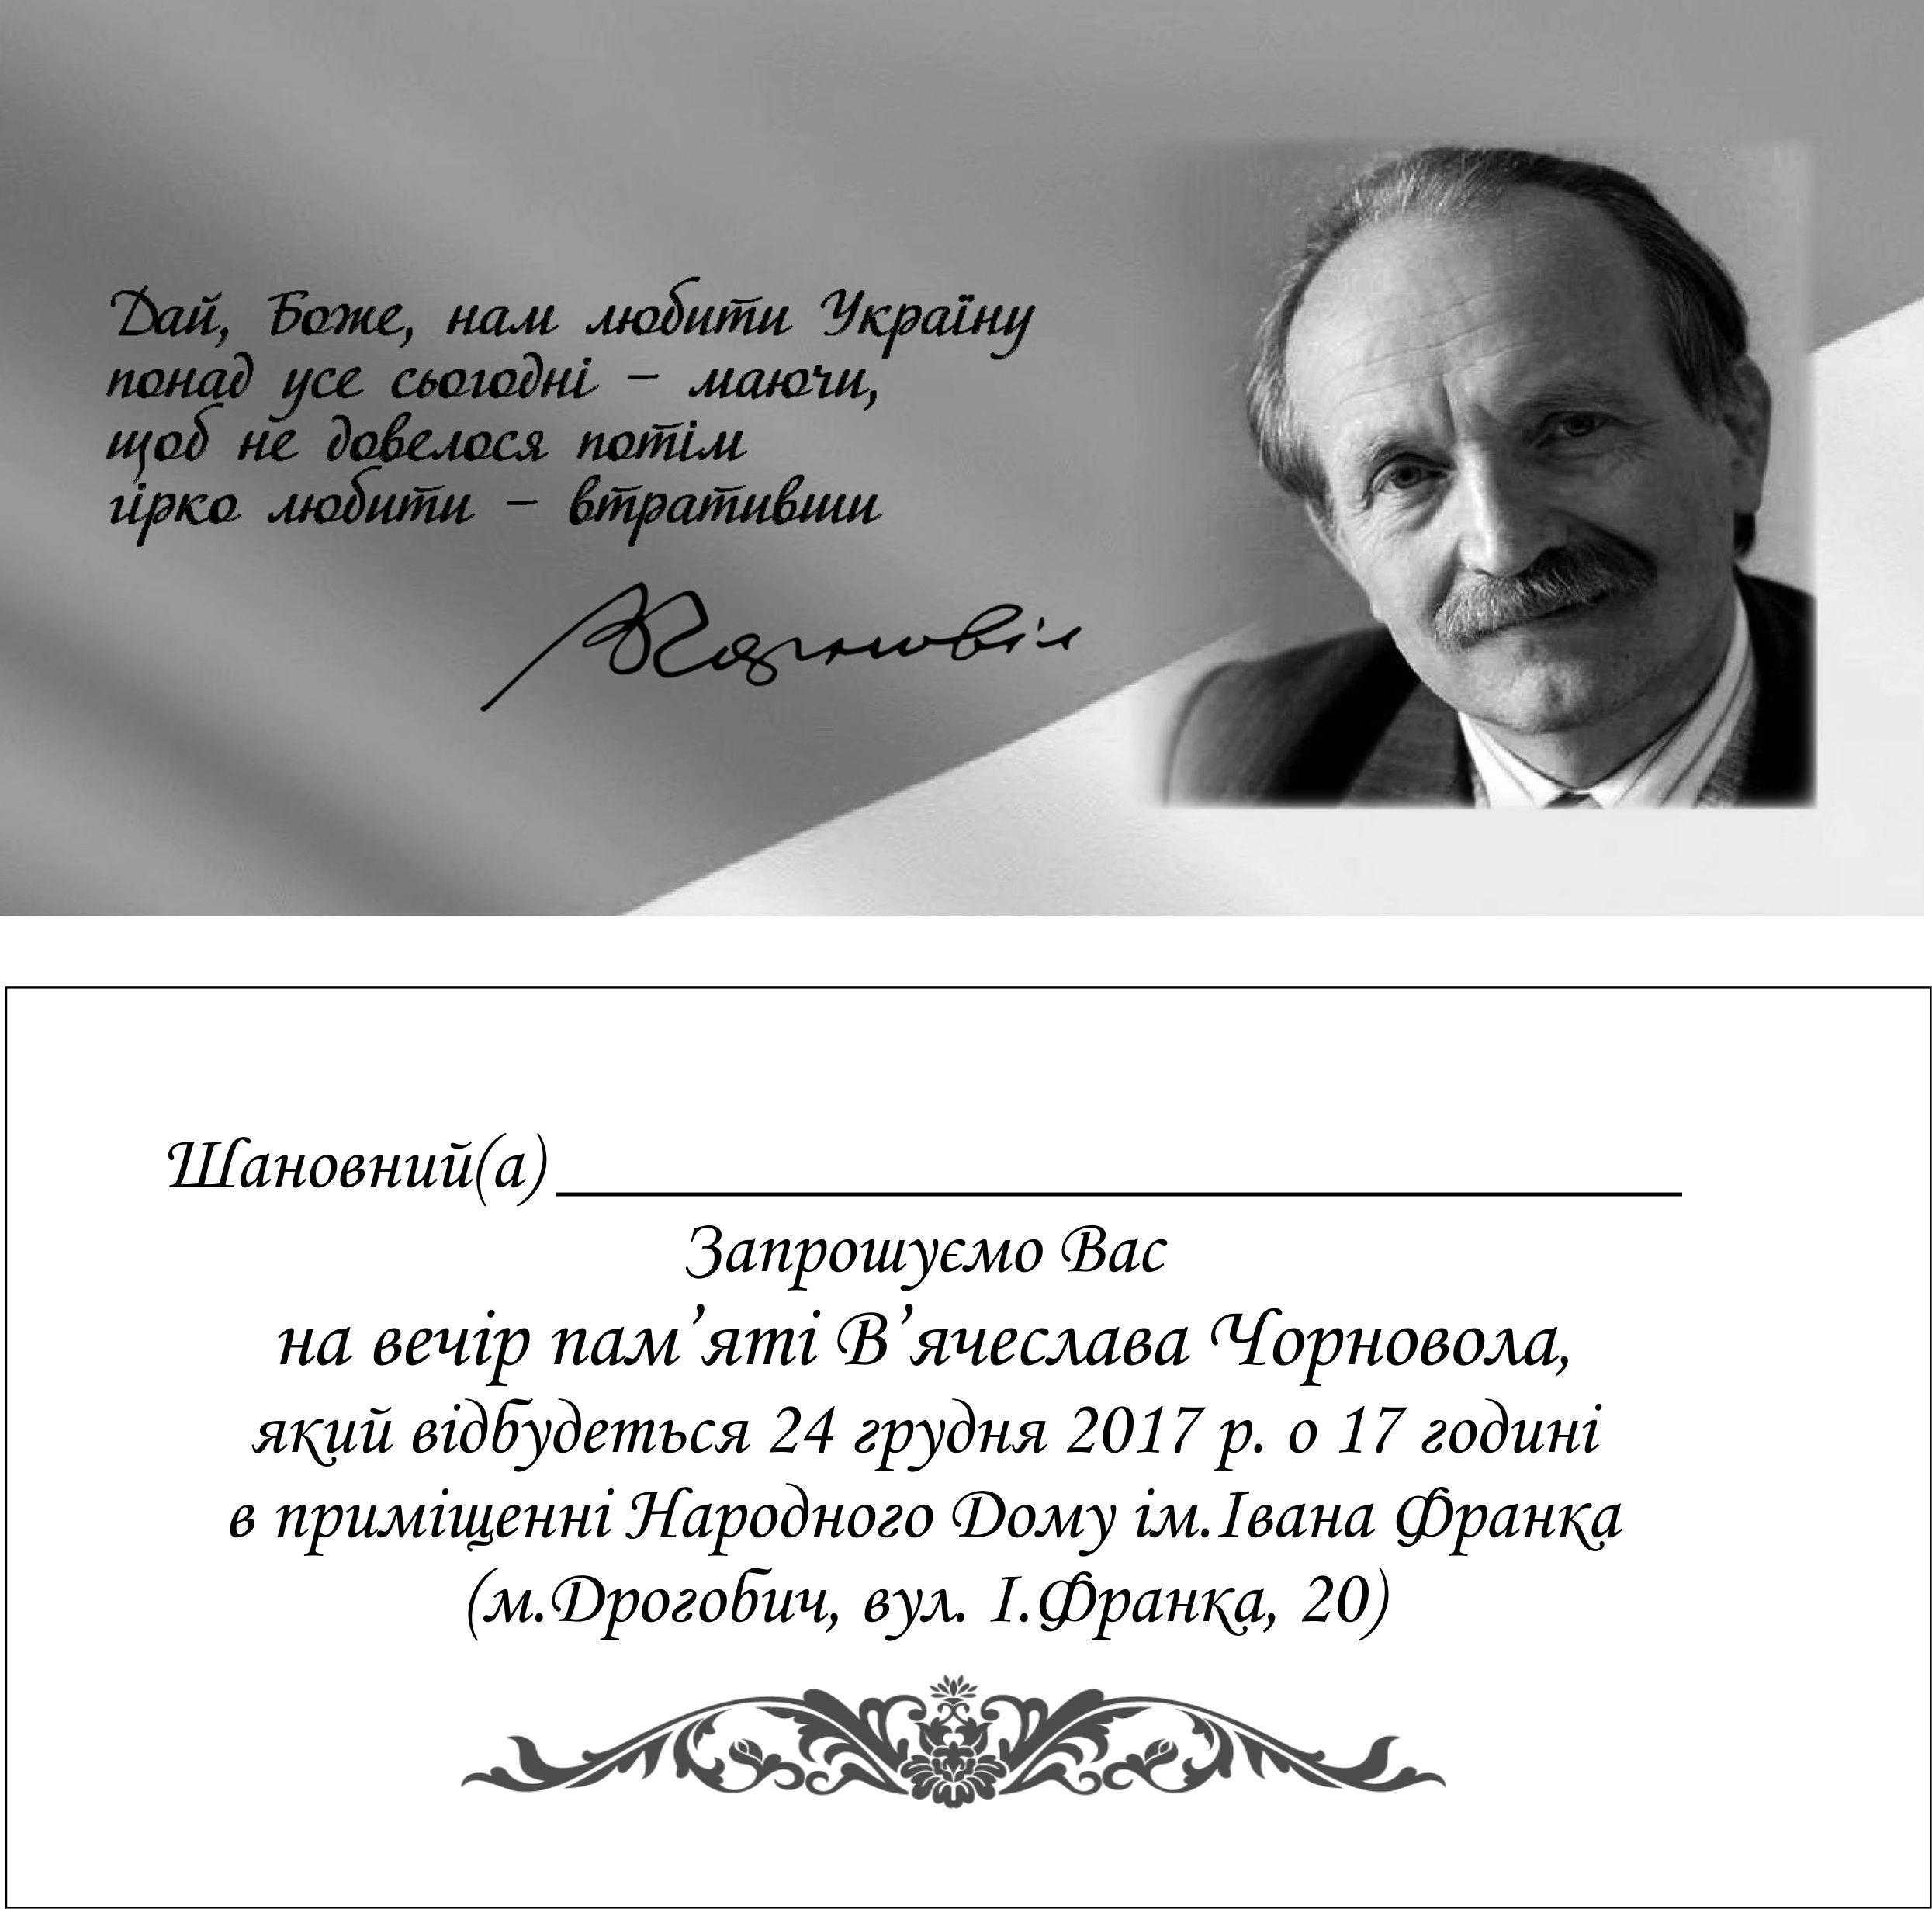 Zaproshennia Chornovil